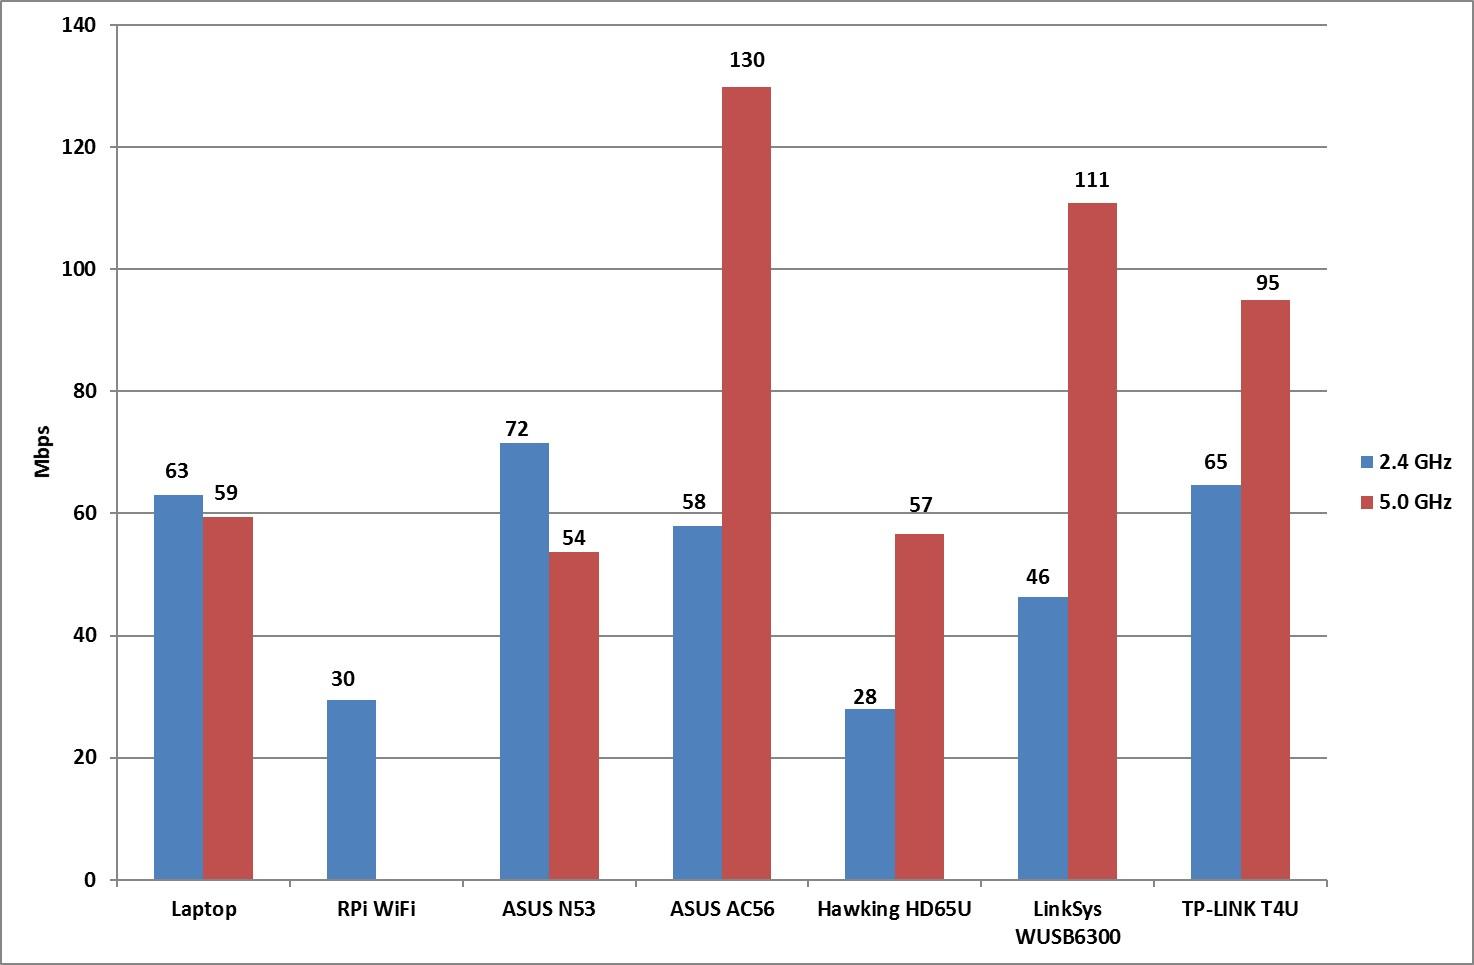 20160601 - Iperf WiFi Comparison on Raspberry Pi (nonLOS)